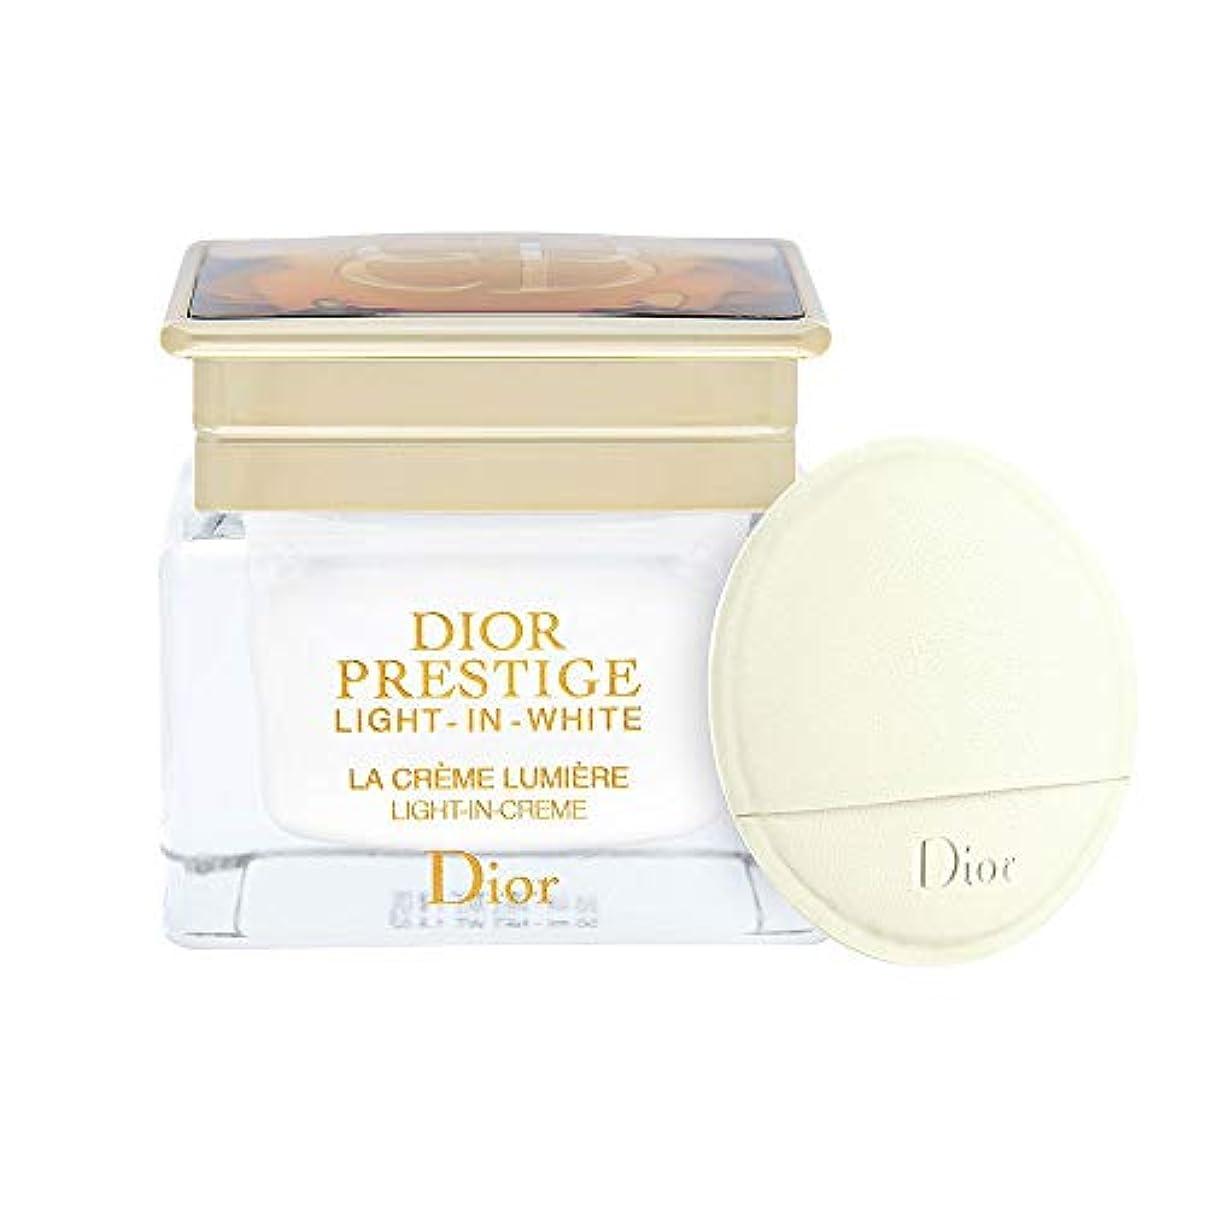 爪ミニ花瓶ディオール(Dior) プレステージ ホワイト ラ クレーム ルミエール 50ml [並行輸入品]